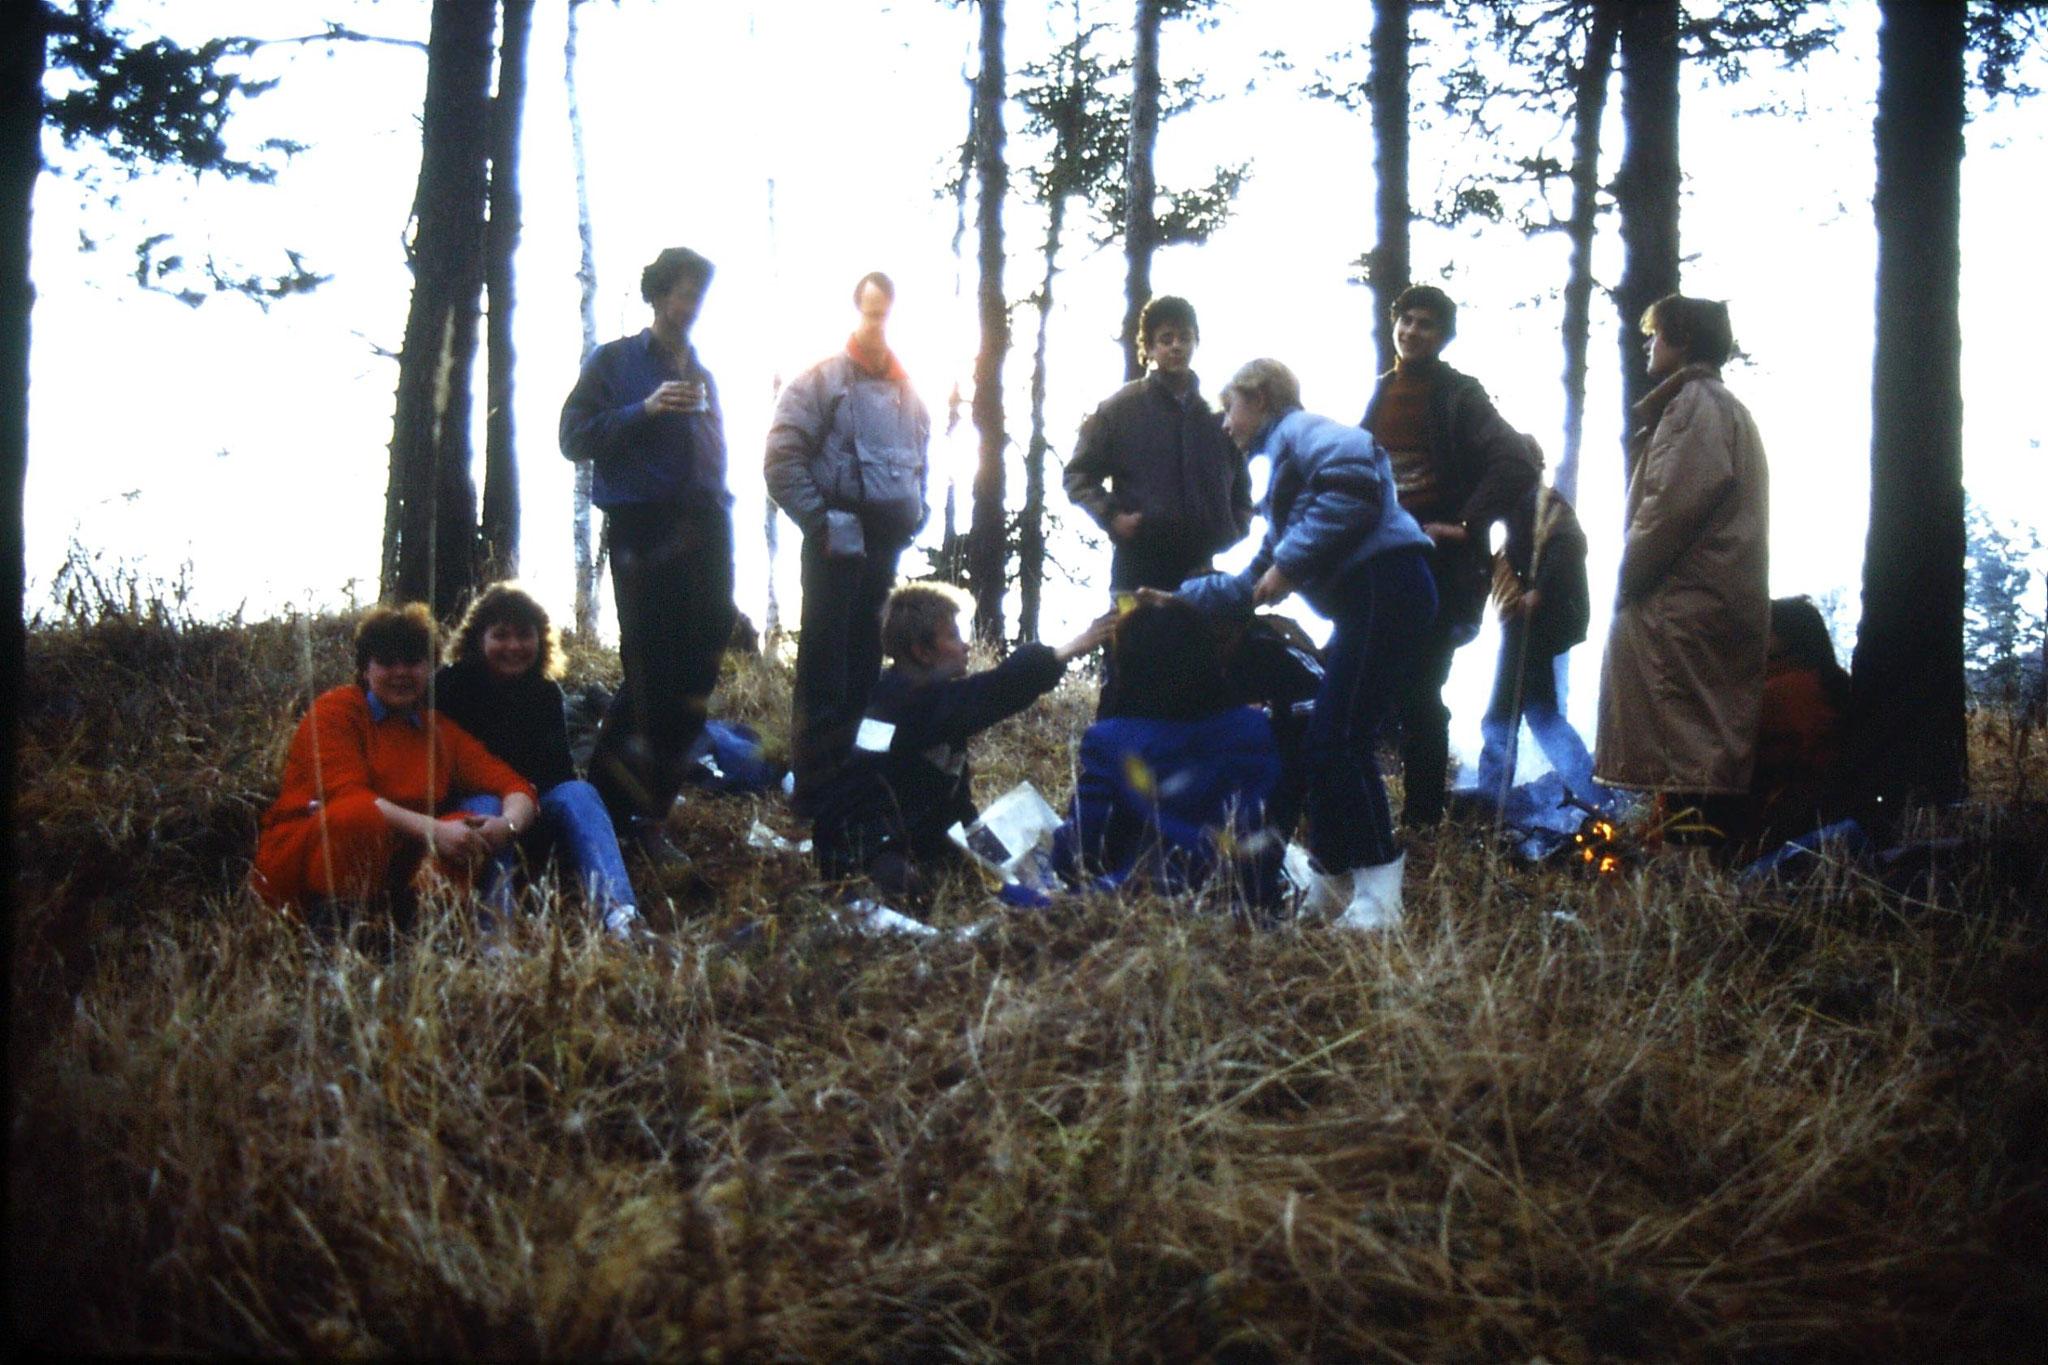 23/10/1988: 32: Lake Baikal Listvyanka camp fire